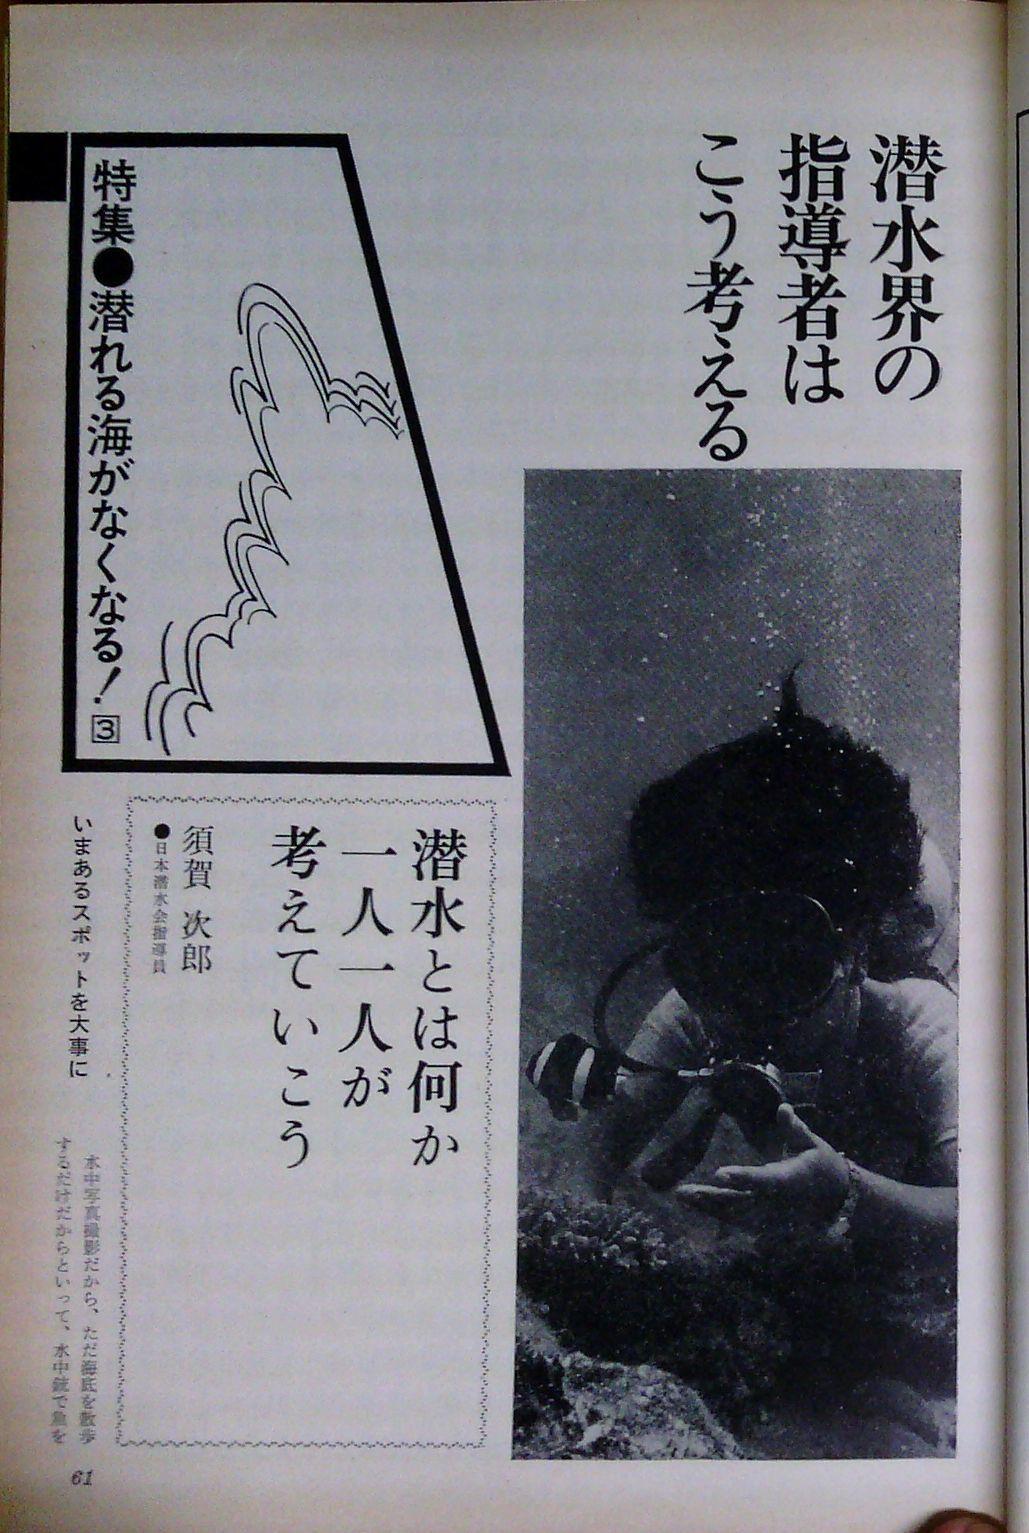 0328 ダイビングの歴史 60 海の世界72年5/10_b0075059_16562372.jpg